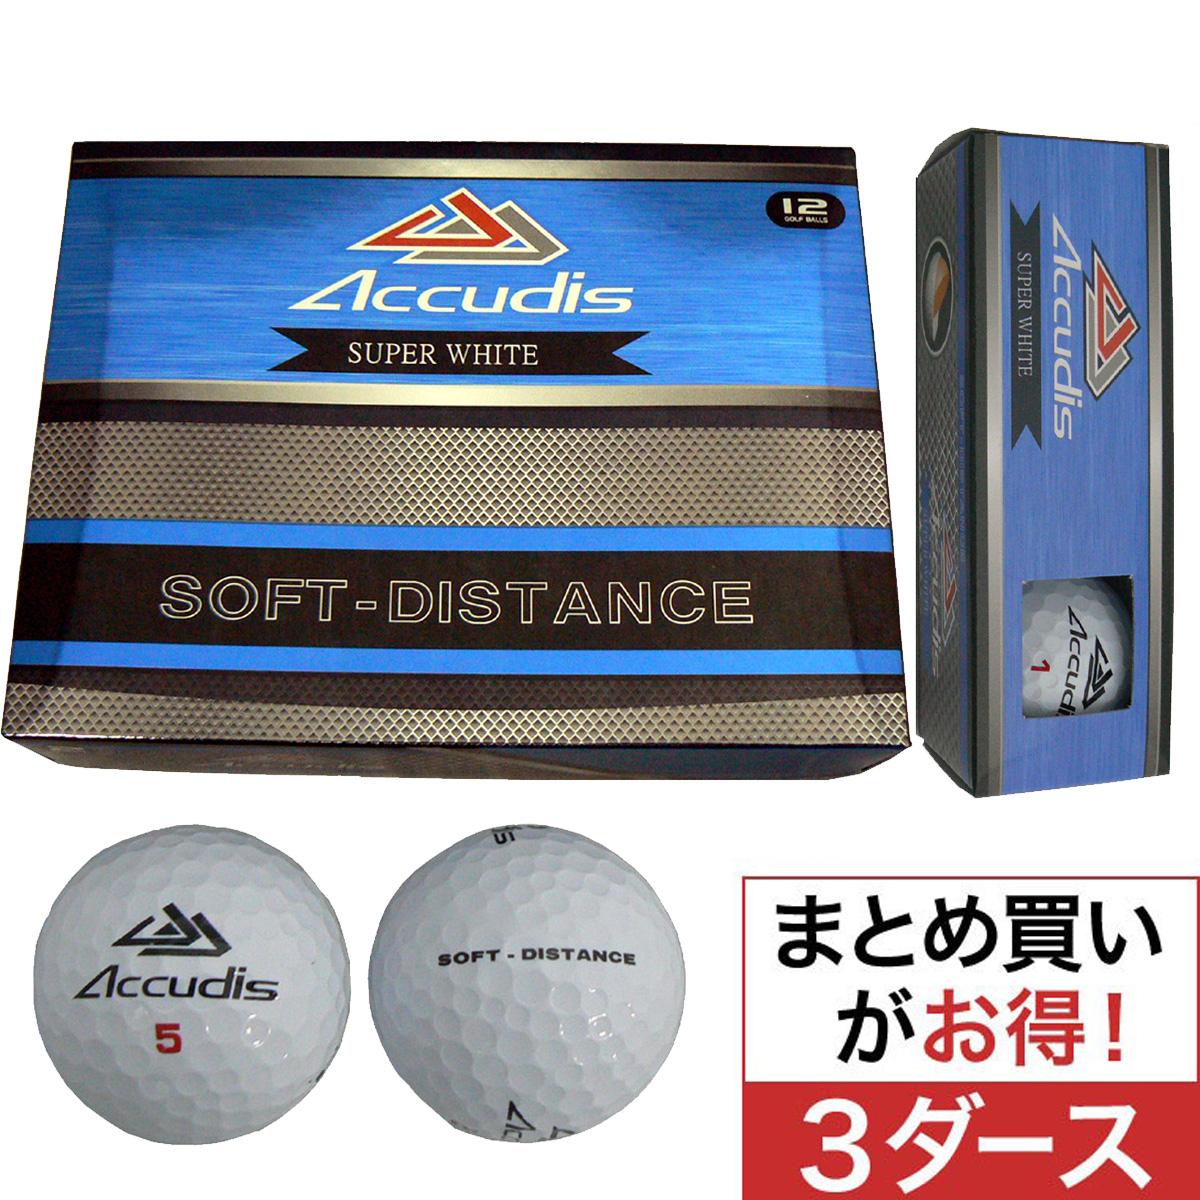 ソフト ディスタンスゴルフボール 3ダースセット【非公認球】